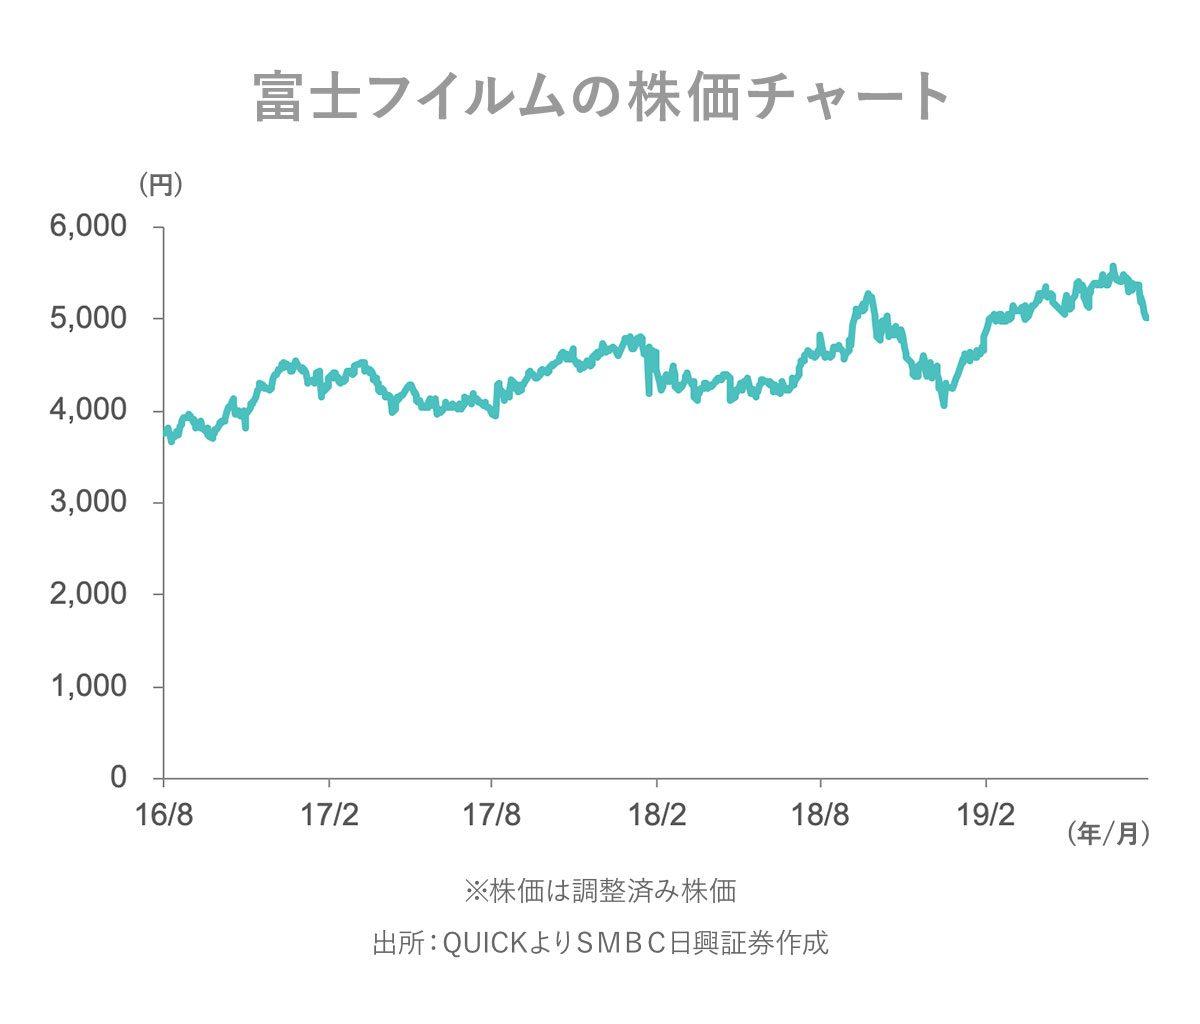 富士 フィルム 株価 チャート